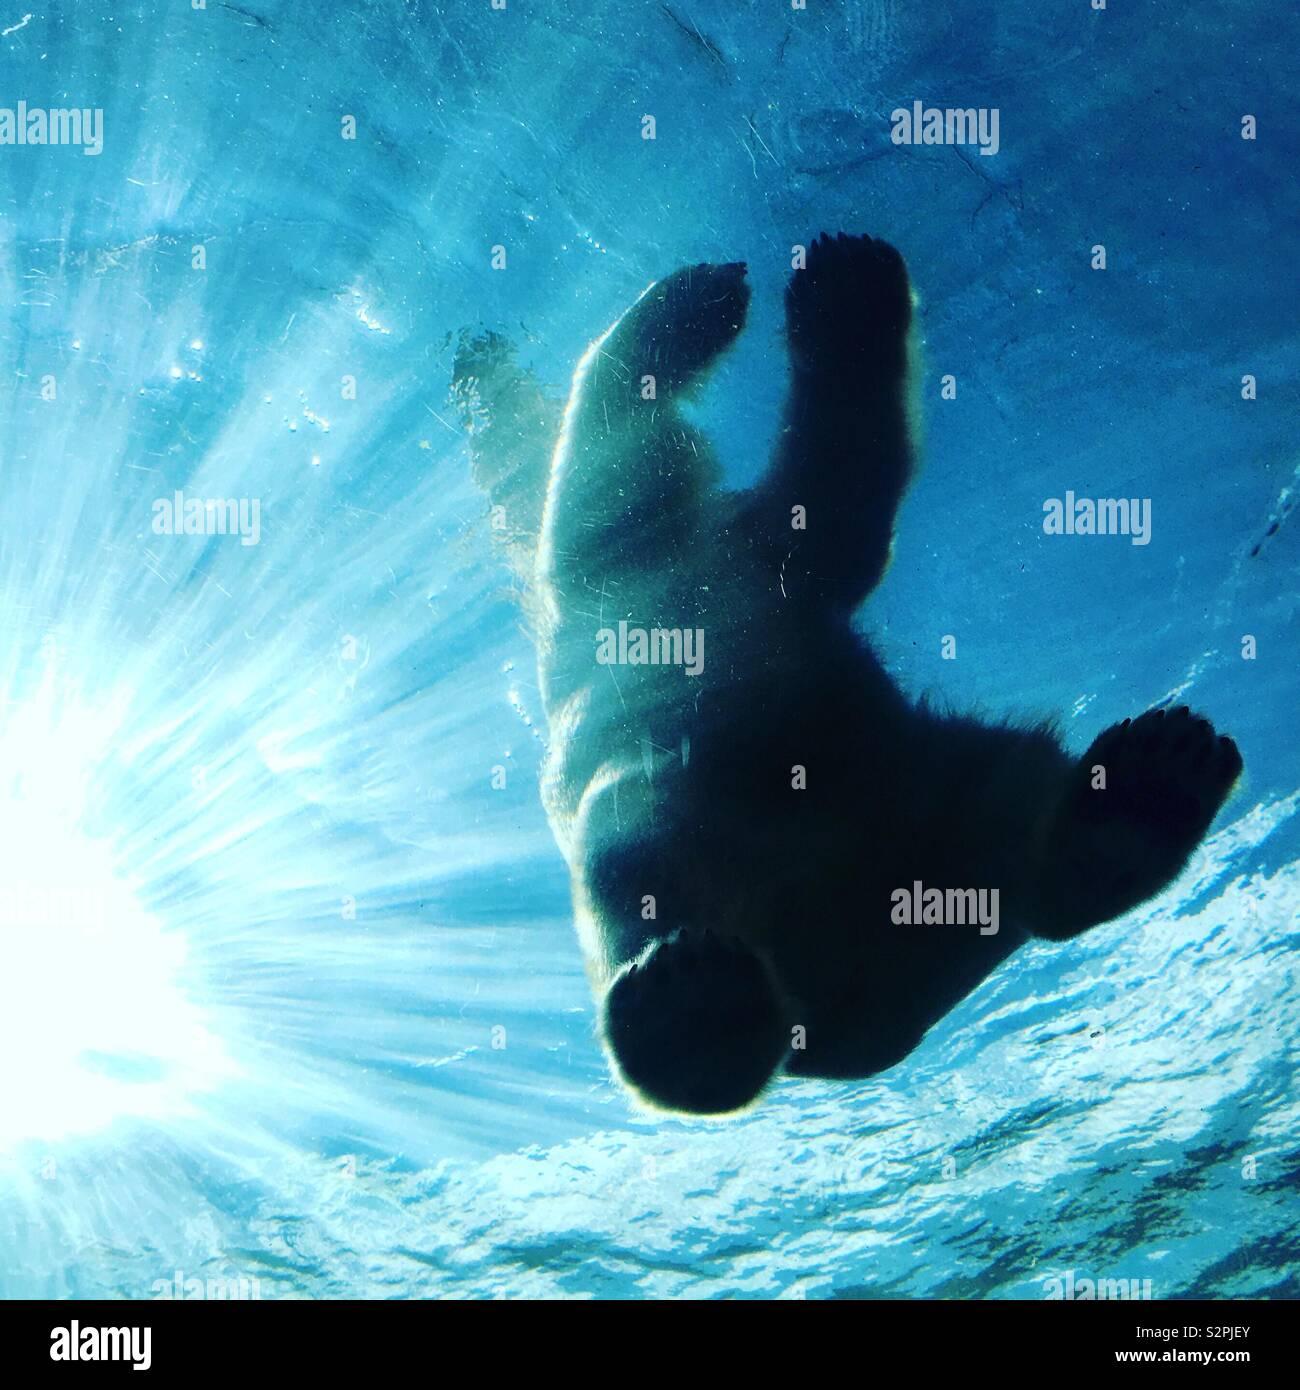 Un ours polaire, rétroéclairé par le soleil, se dresse au sommet d'une visualisation claire de la galerie extérieure encore dans la frontière arctique exposition du Zoo de Columbus de Columbus, Ohio, USA. Banque D'Images